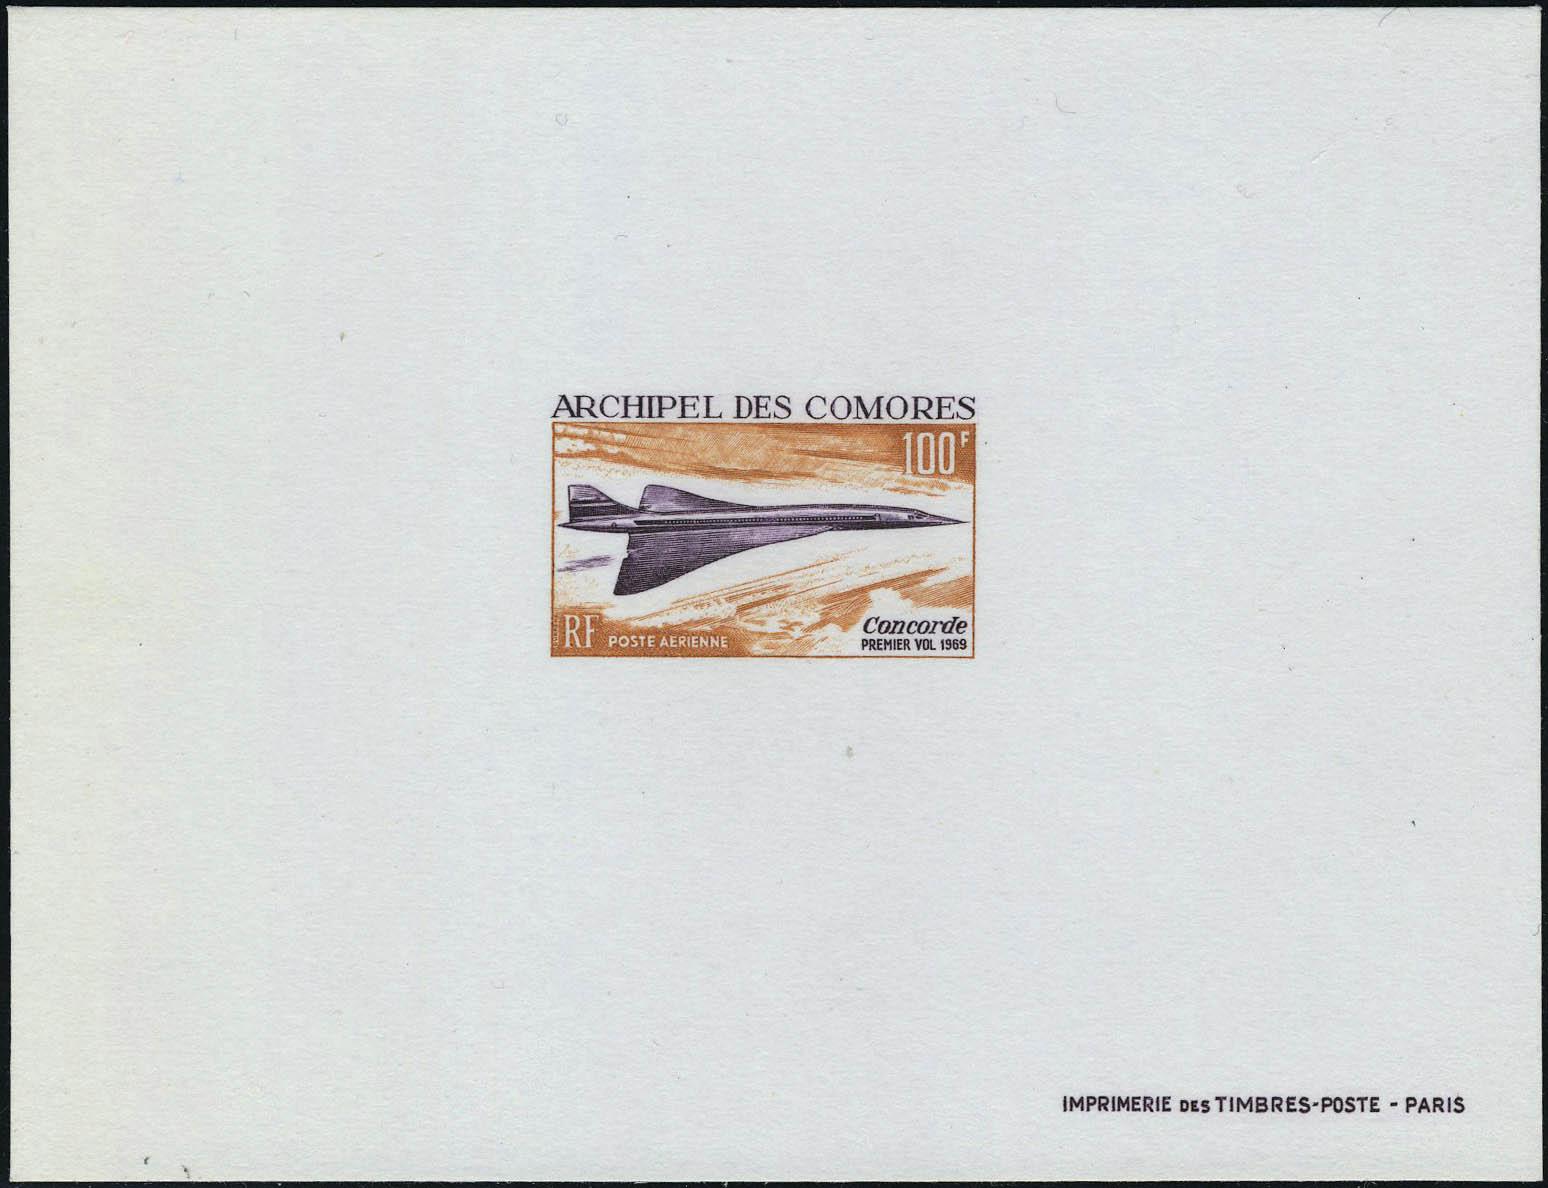 Lot 1622 - comores poste aerienne -  Francois Feldman F.C.N.P François FELDMAN sale #127